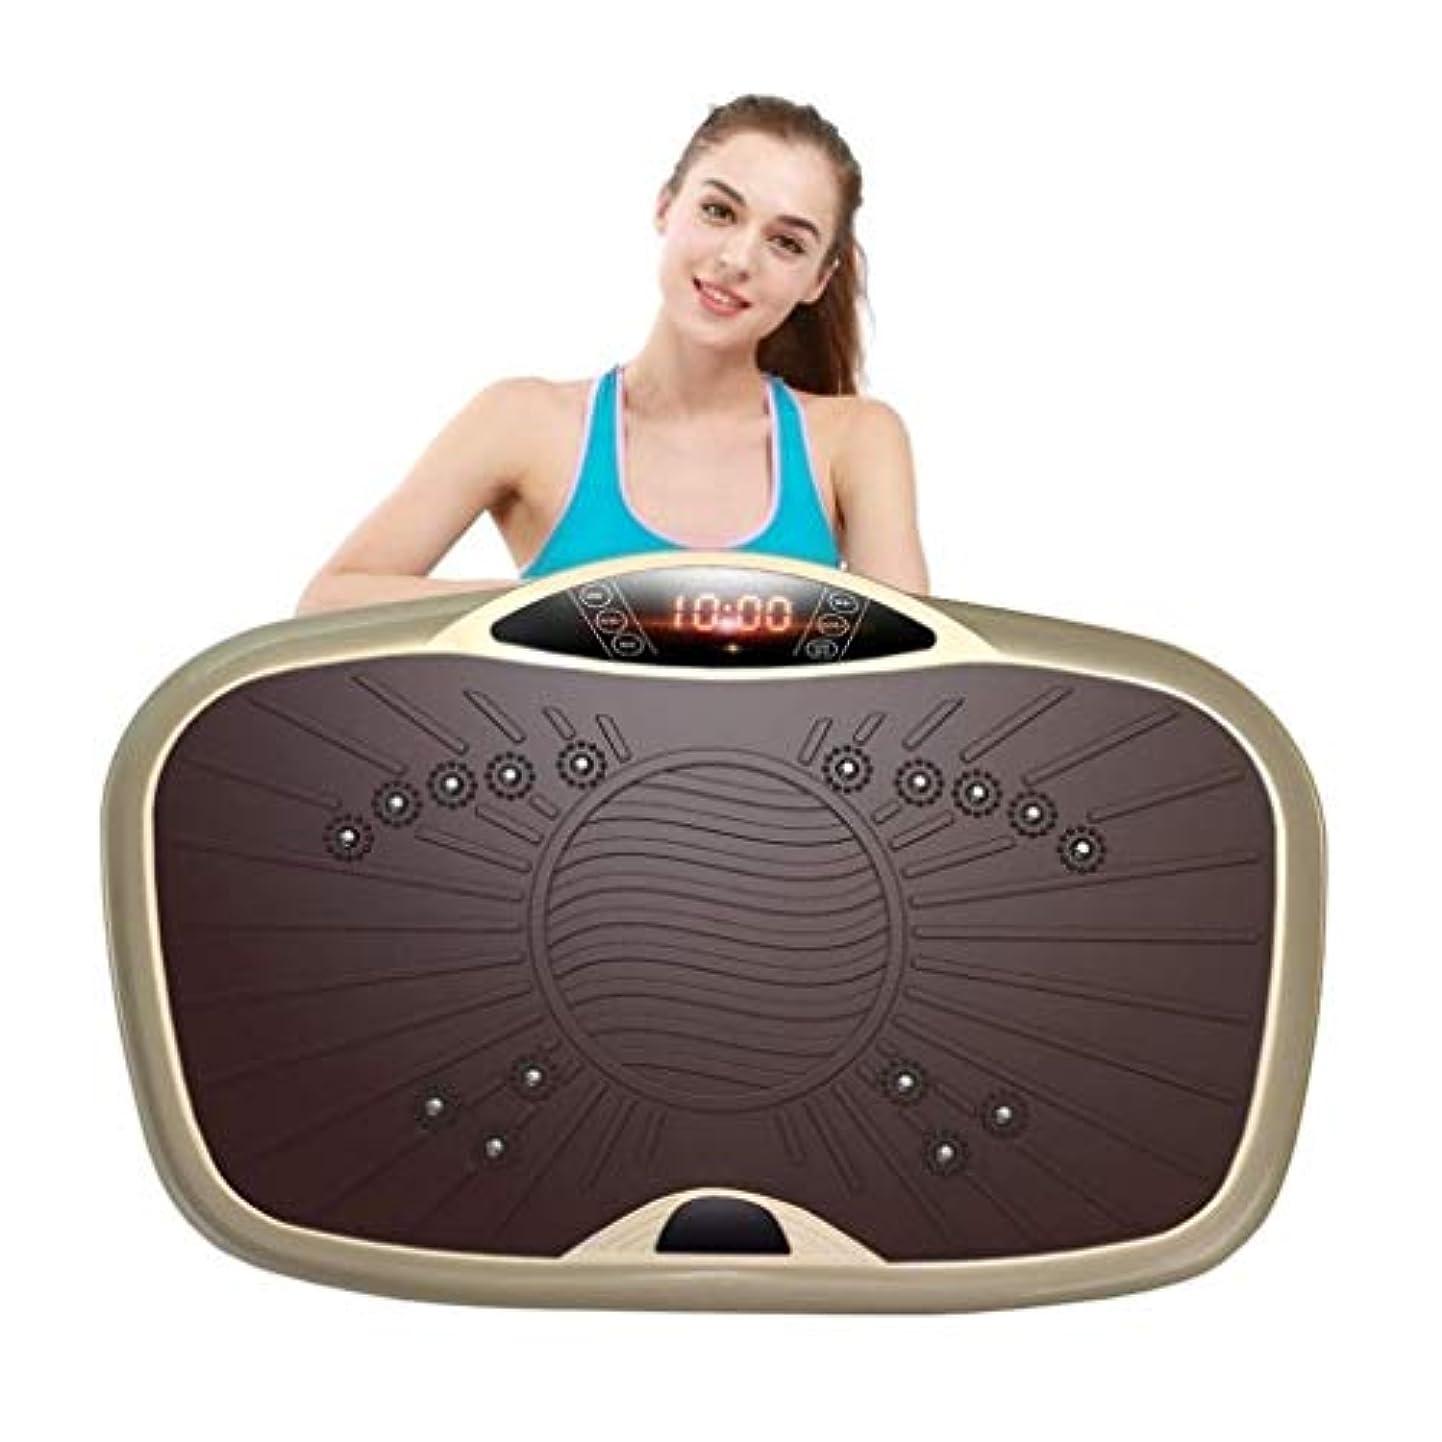 問い合わせバリケードパントリー減量装置、体力振動トレーナーエクササイズパワープレート、99レベルの速度でジムホームオフィスで脂肪体の調子を失う (Color : ゴールド)